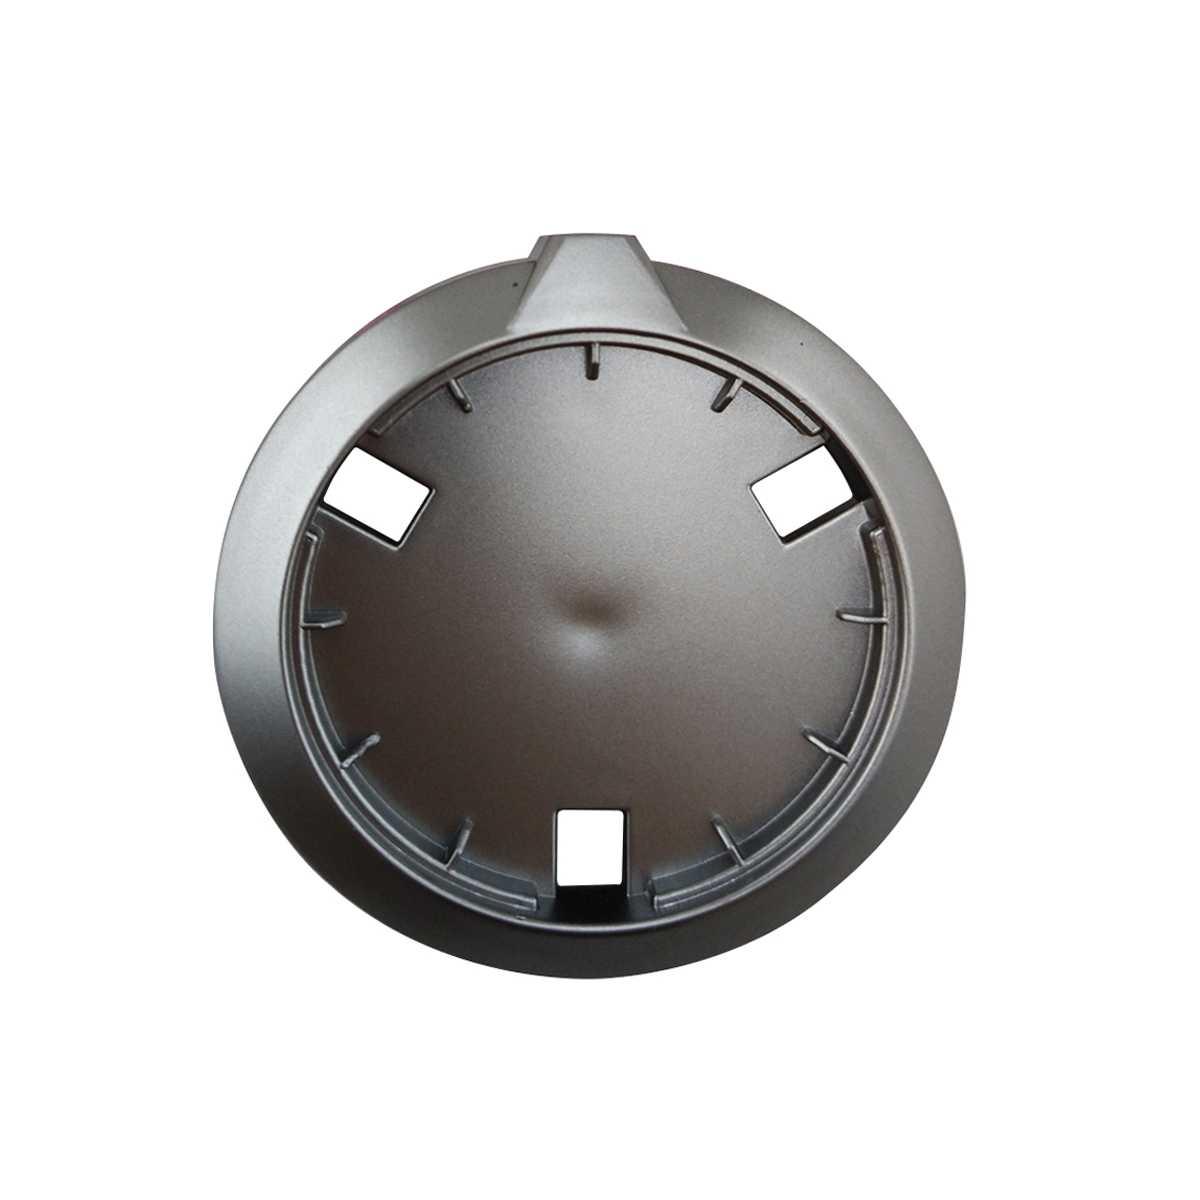 Botão do timer tanquinho Colormaq LCT4.5, LCS8, LCS10, LCS16